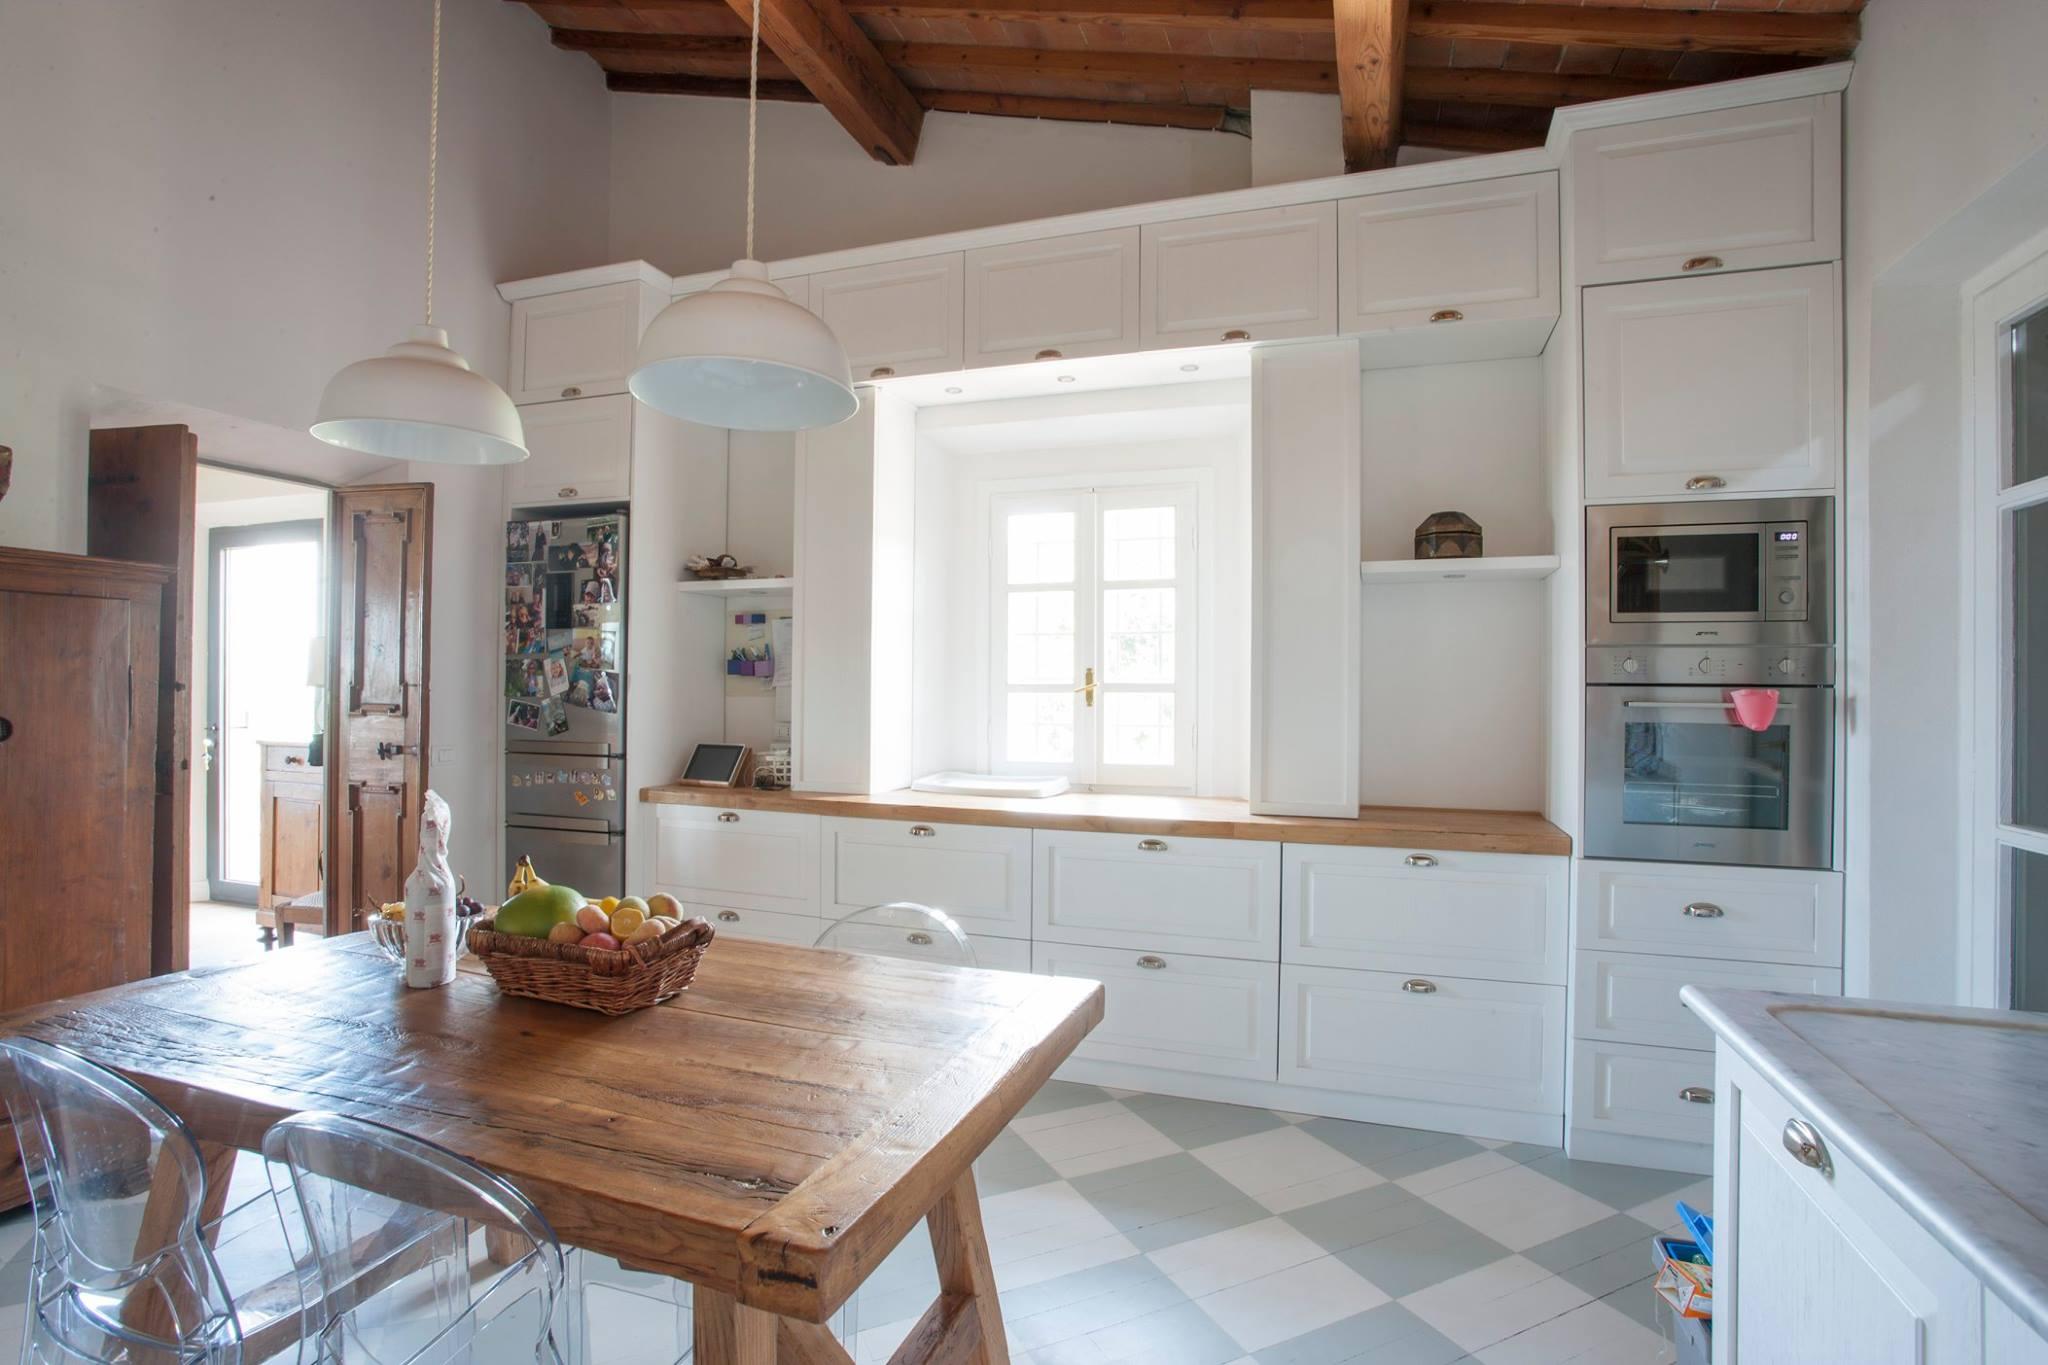 Cucina su misura arredamenti su misura roma for Arredamenti su misura